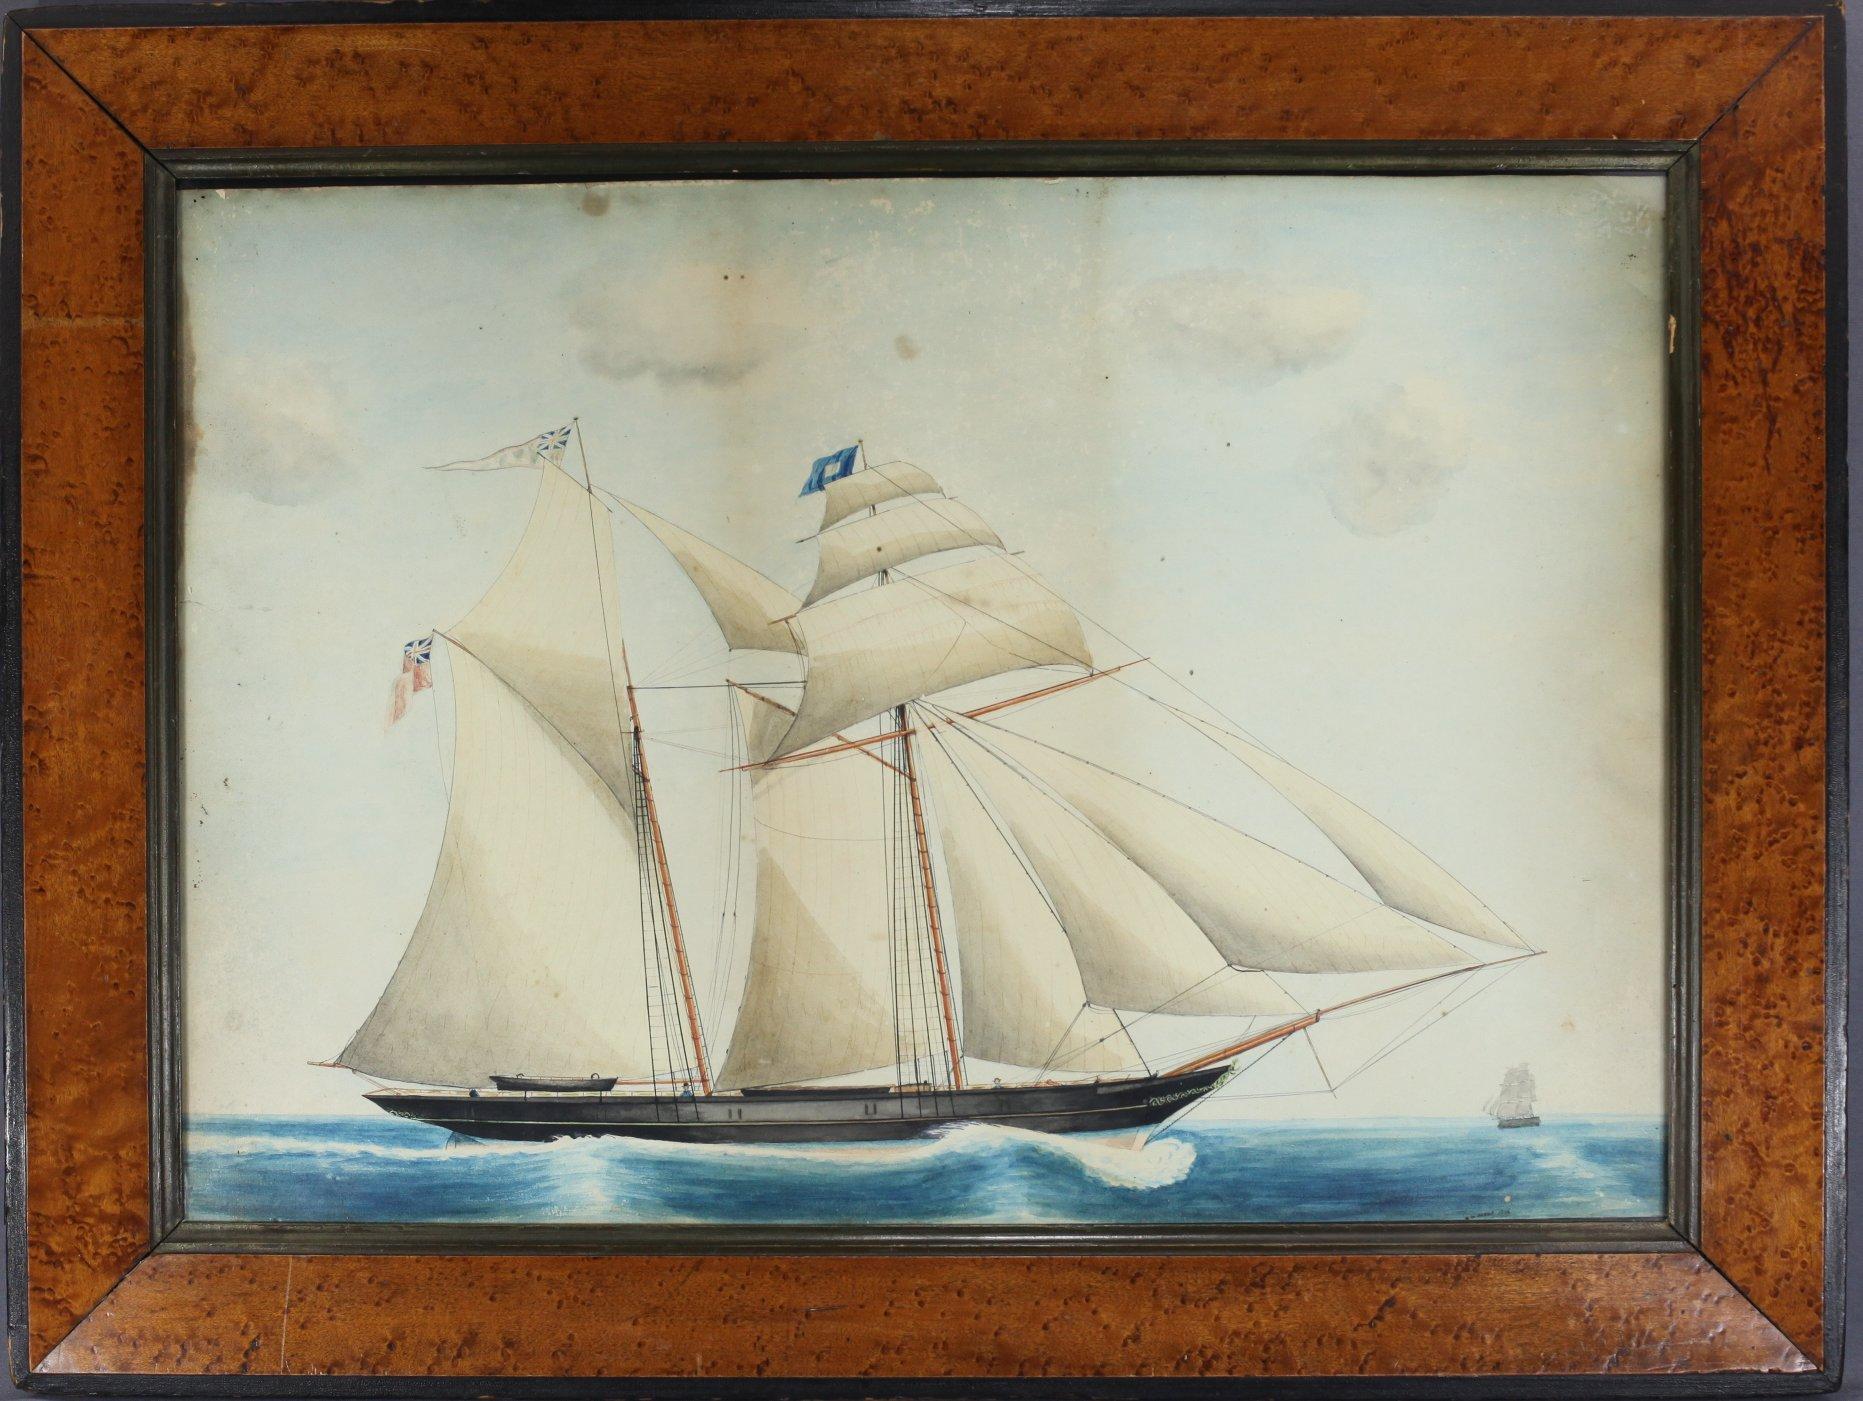 Ship's Portrait Painting